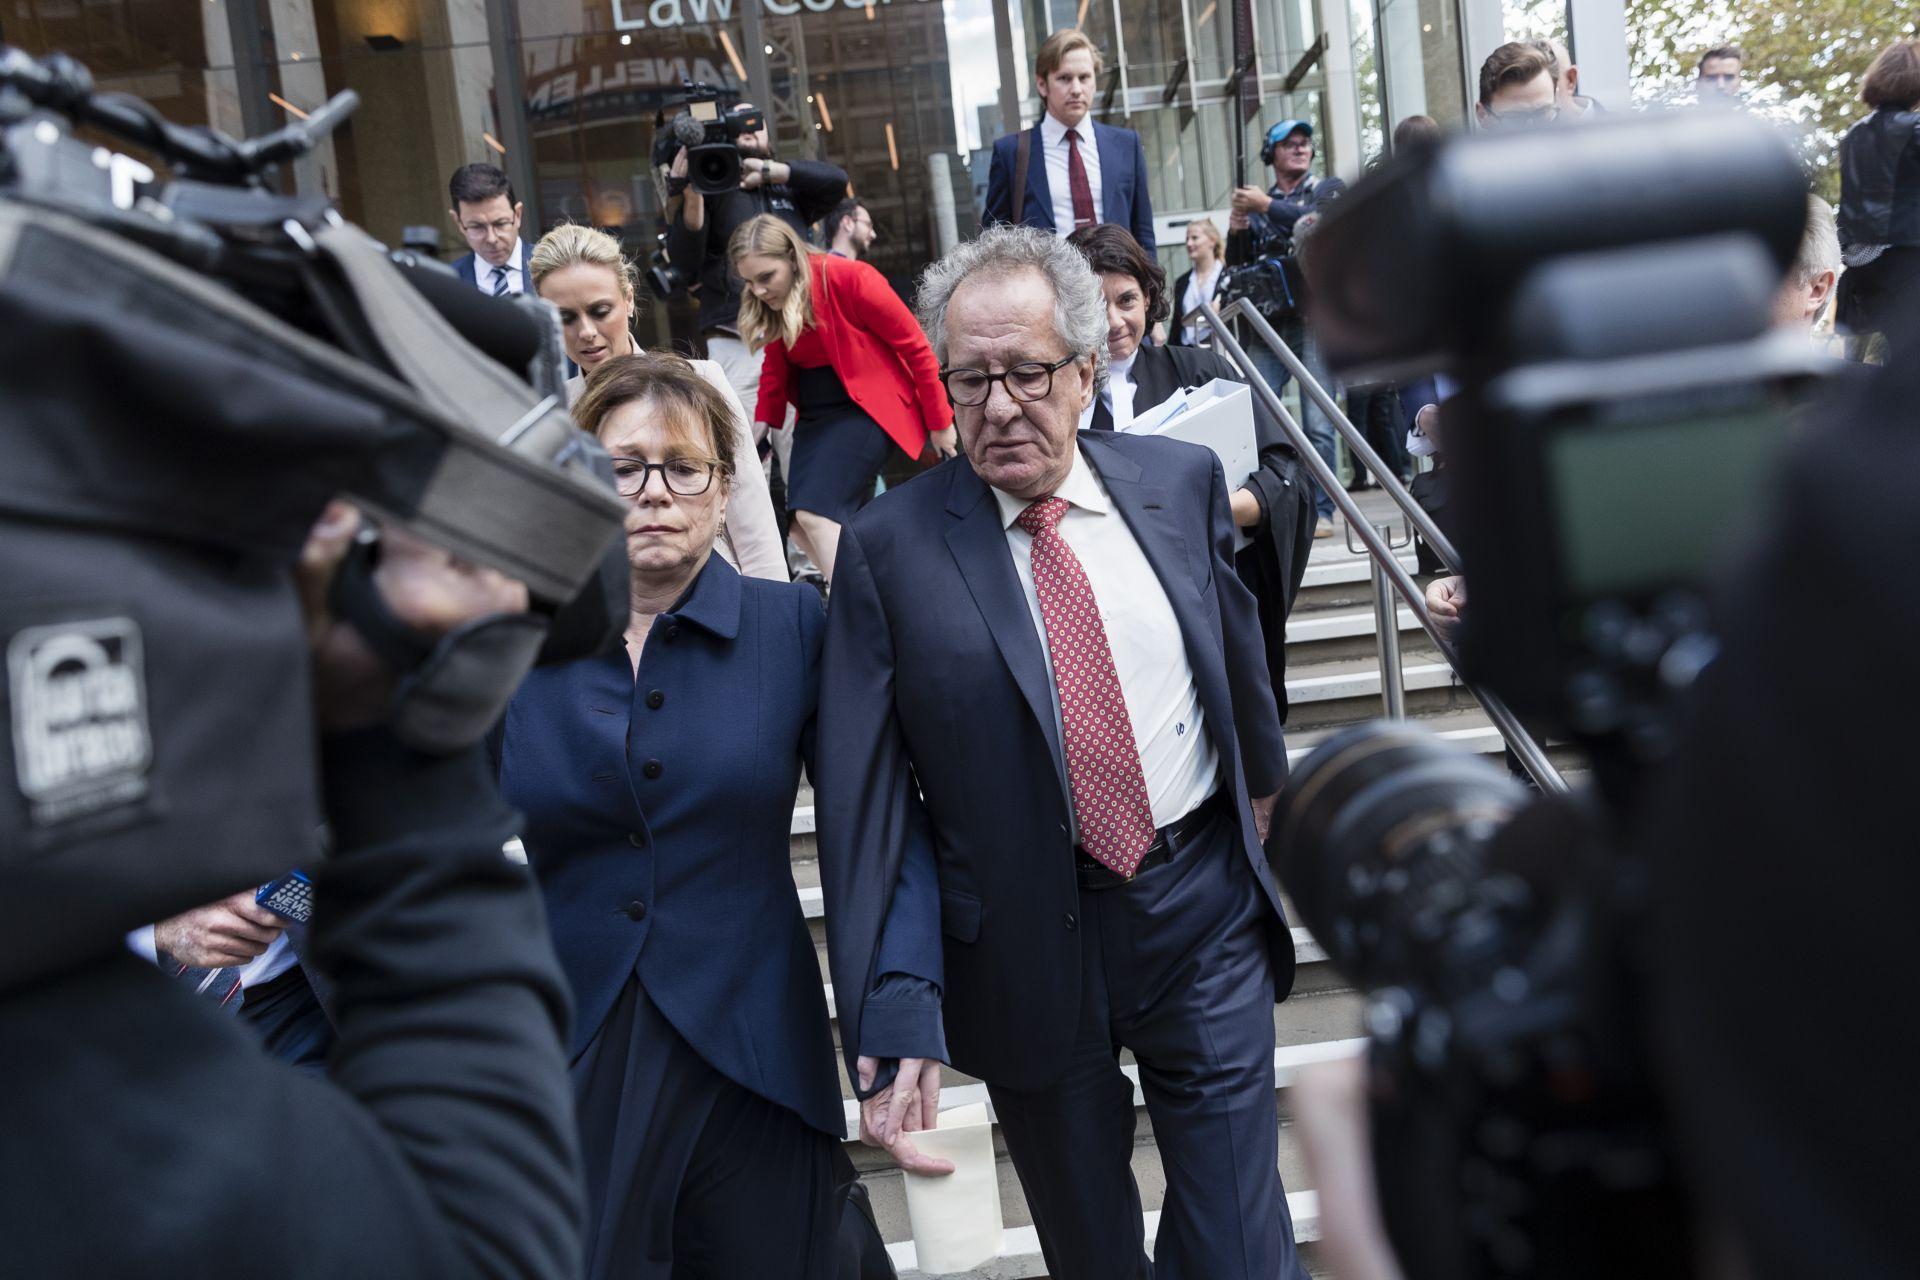 Джефри Ръш и съпругата му излизат от съдебната зала